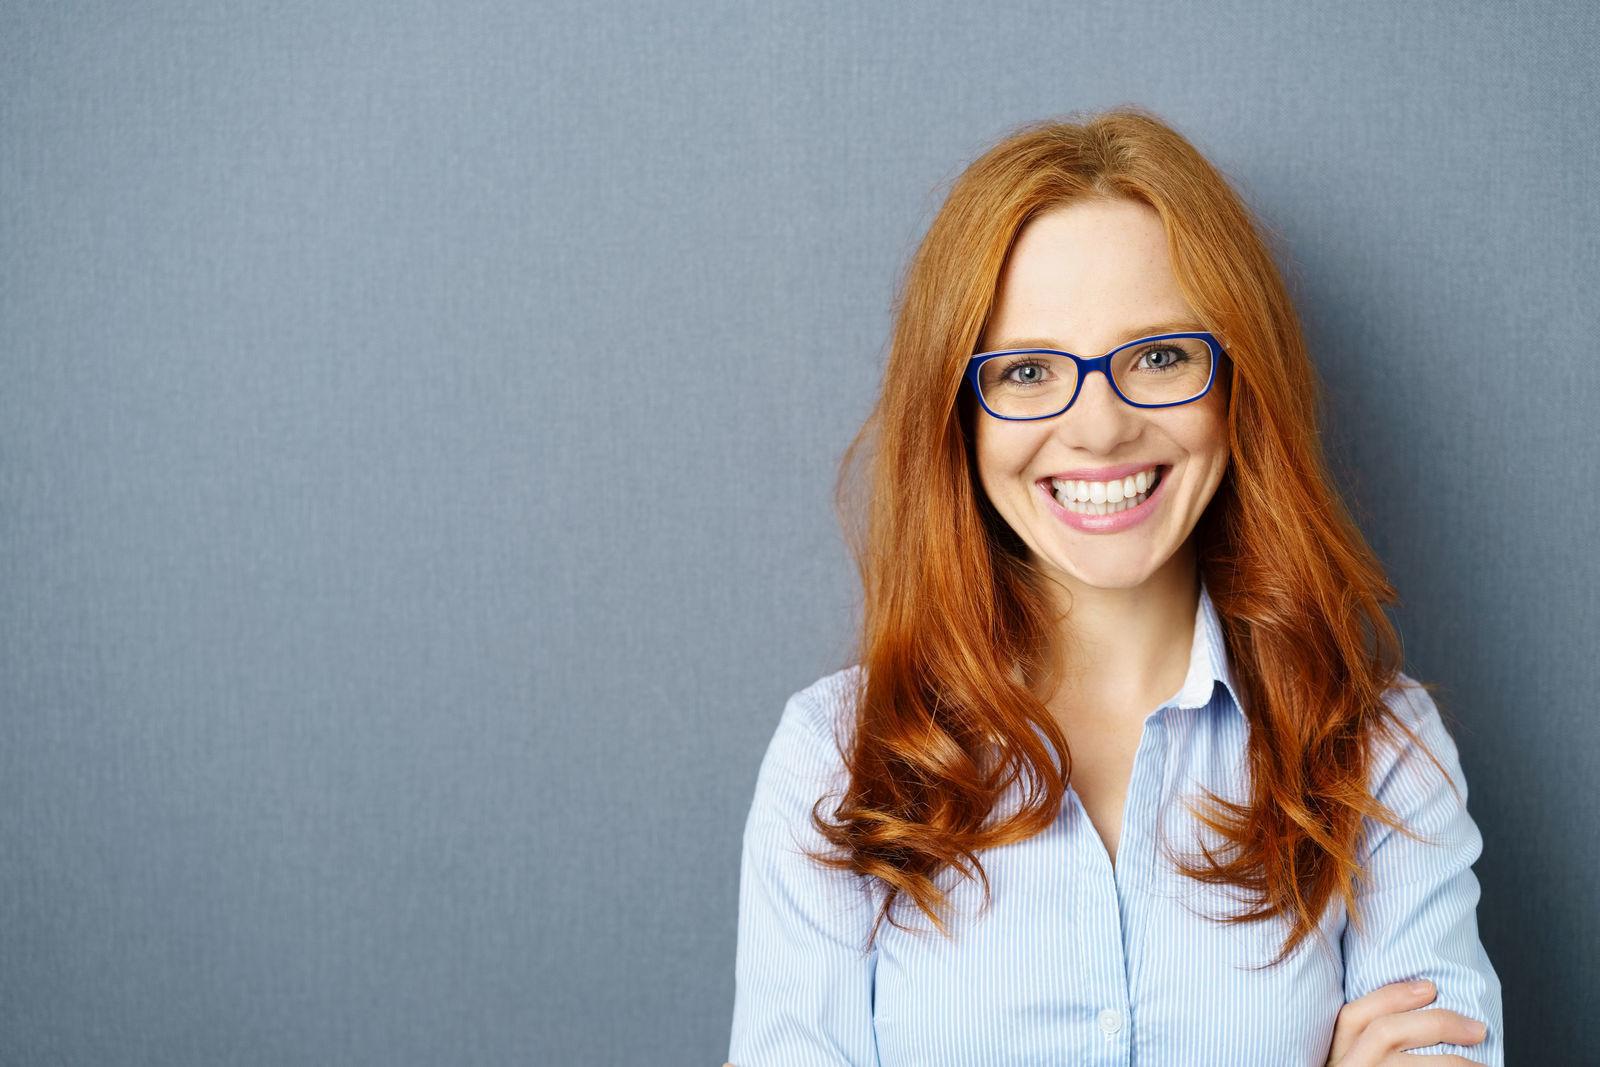 рыжая девушка улыбается в очках у нее хорошее зрение